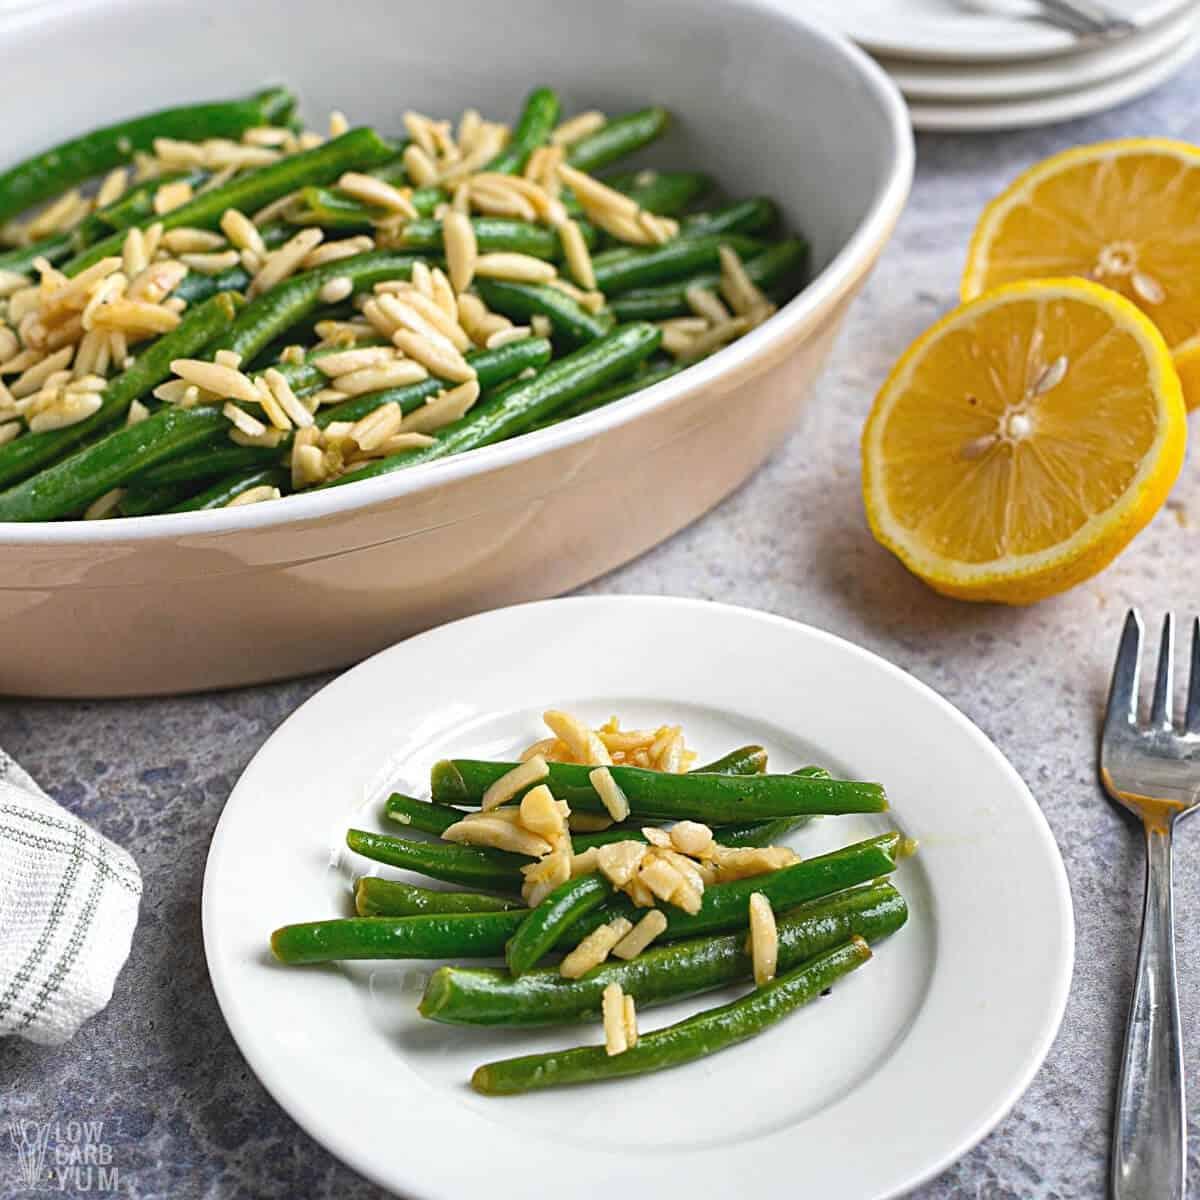 serving green beans almondine on white plate